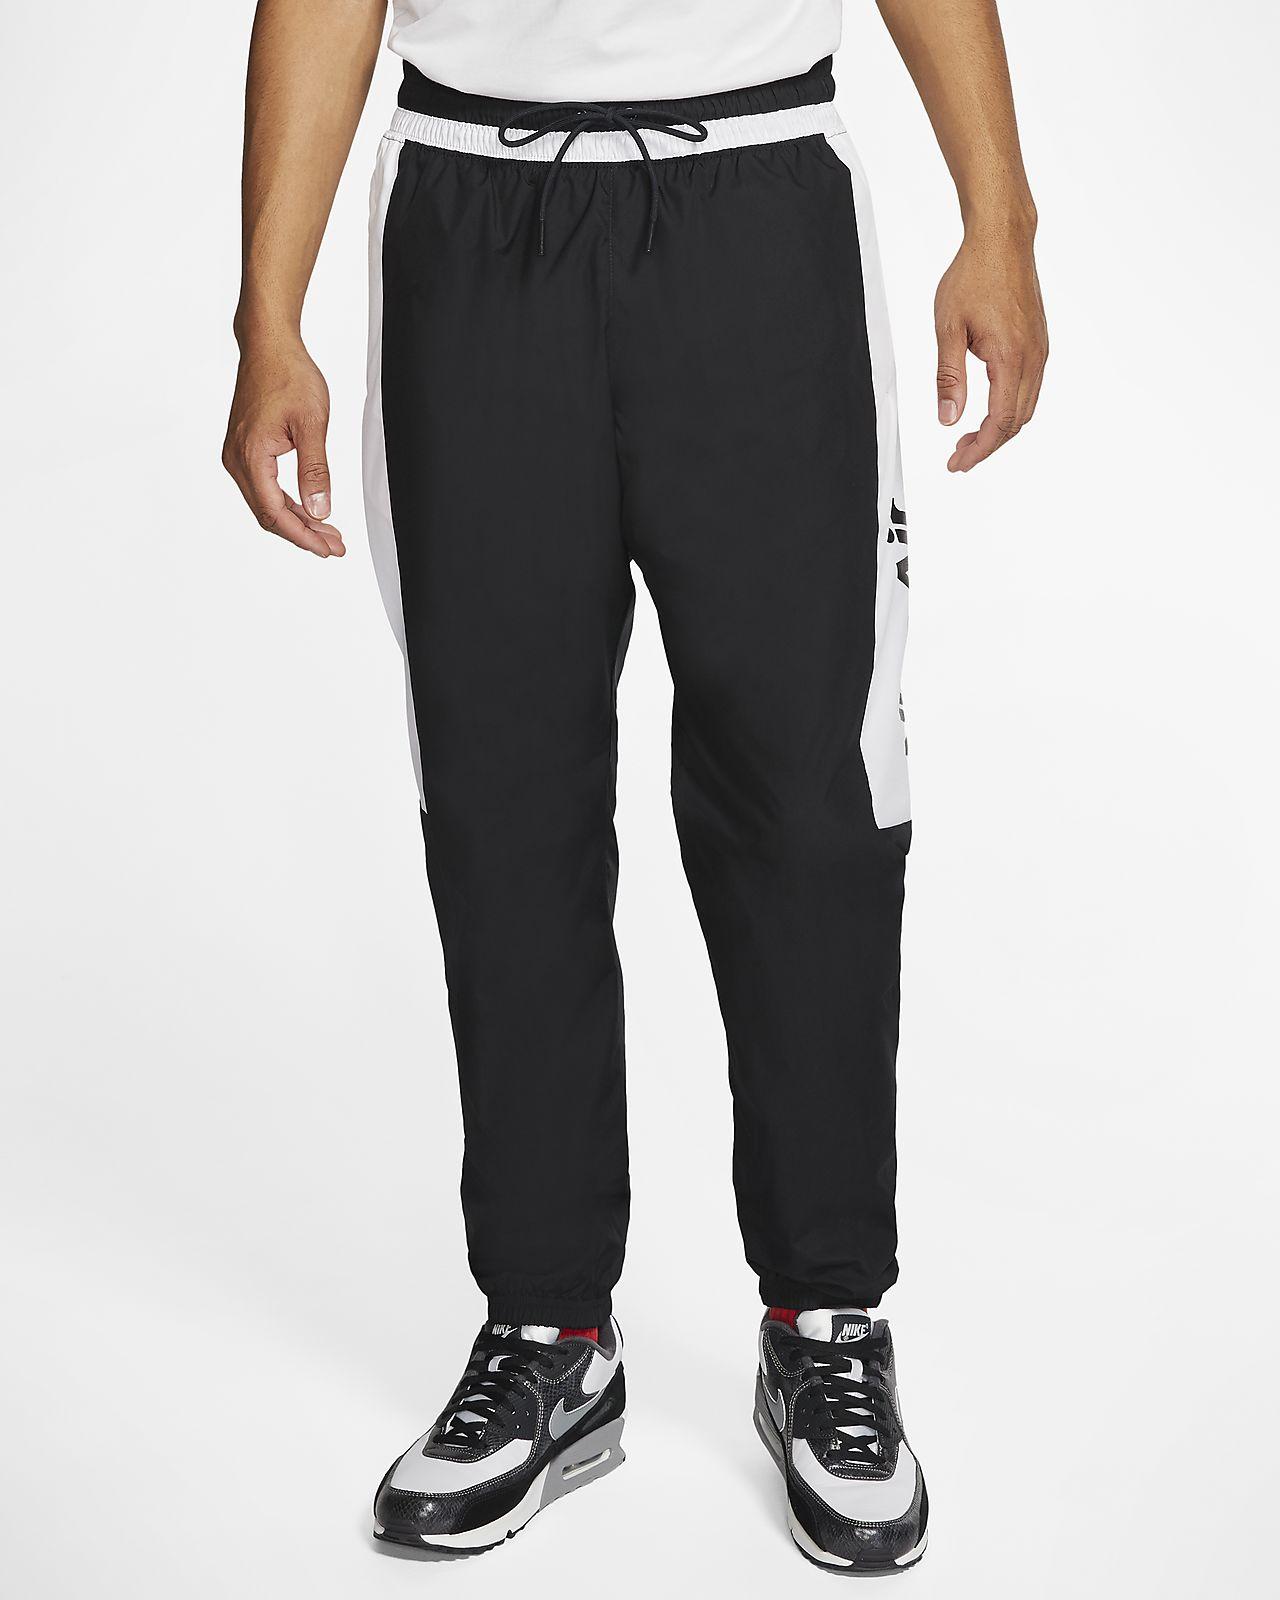 Ανδρικό υφαντό παντελόνι Nike Air